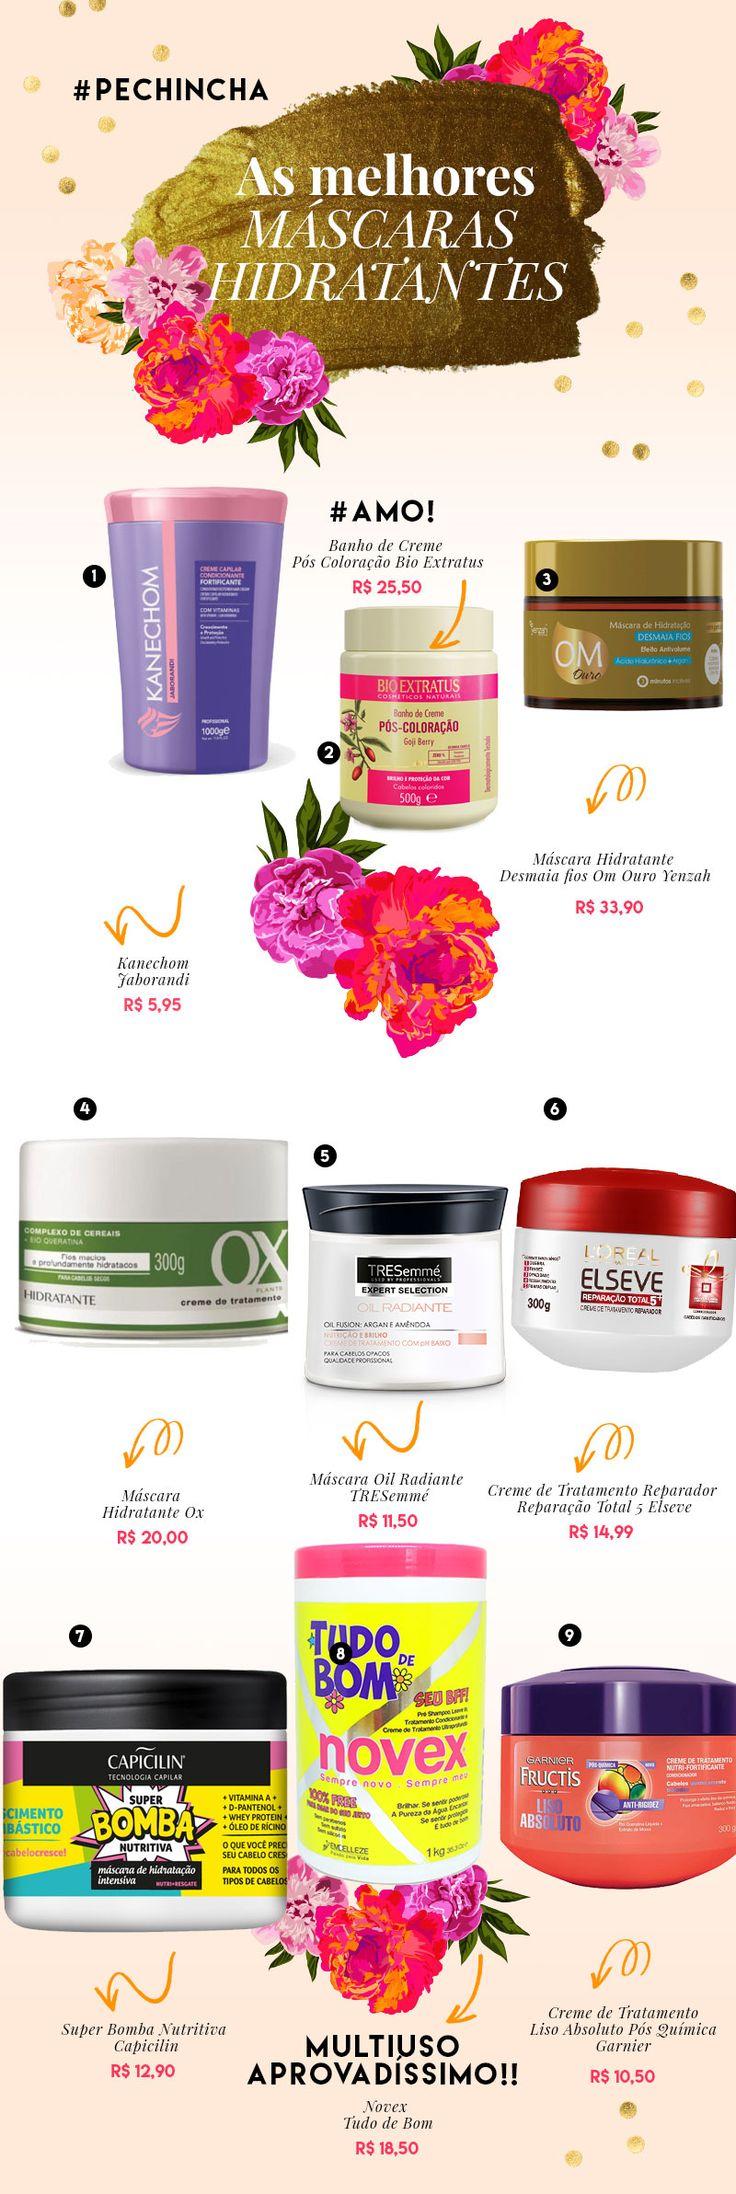 Tá procurando máscara hidratante boa e barata? Aqui tem as melhores opções do mercado para todos os tipos de cabelo, vem conferir!